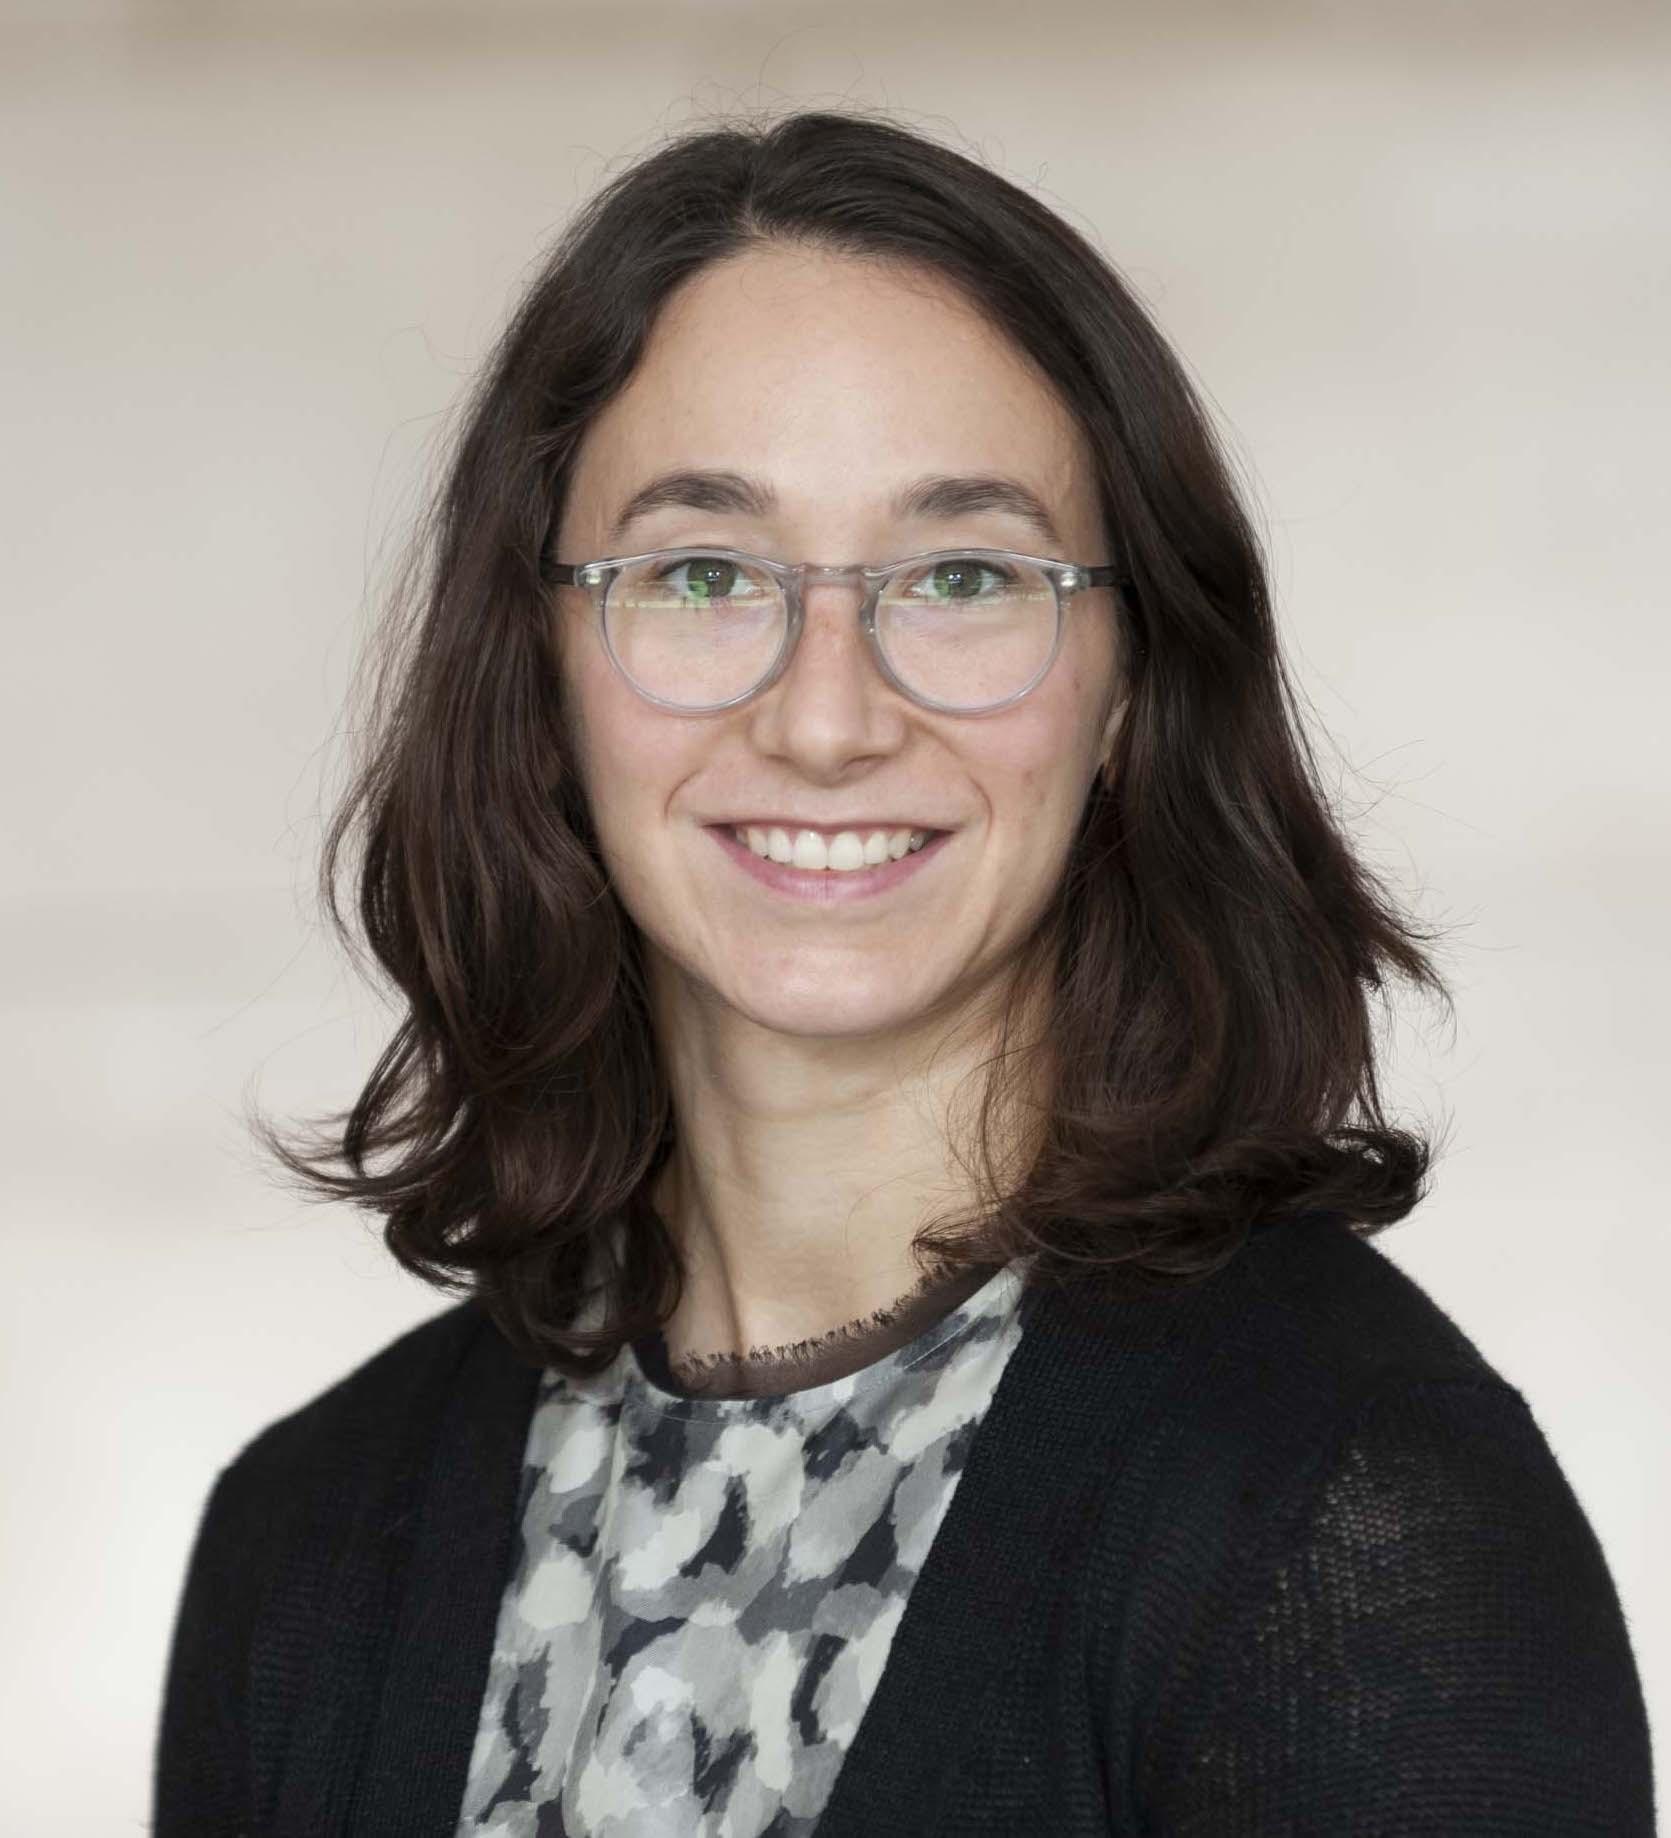 Melissa Krystel-Whittemore, M.D.